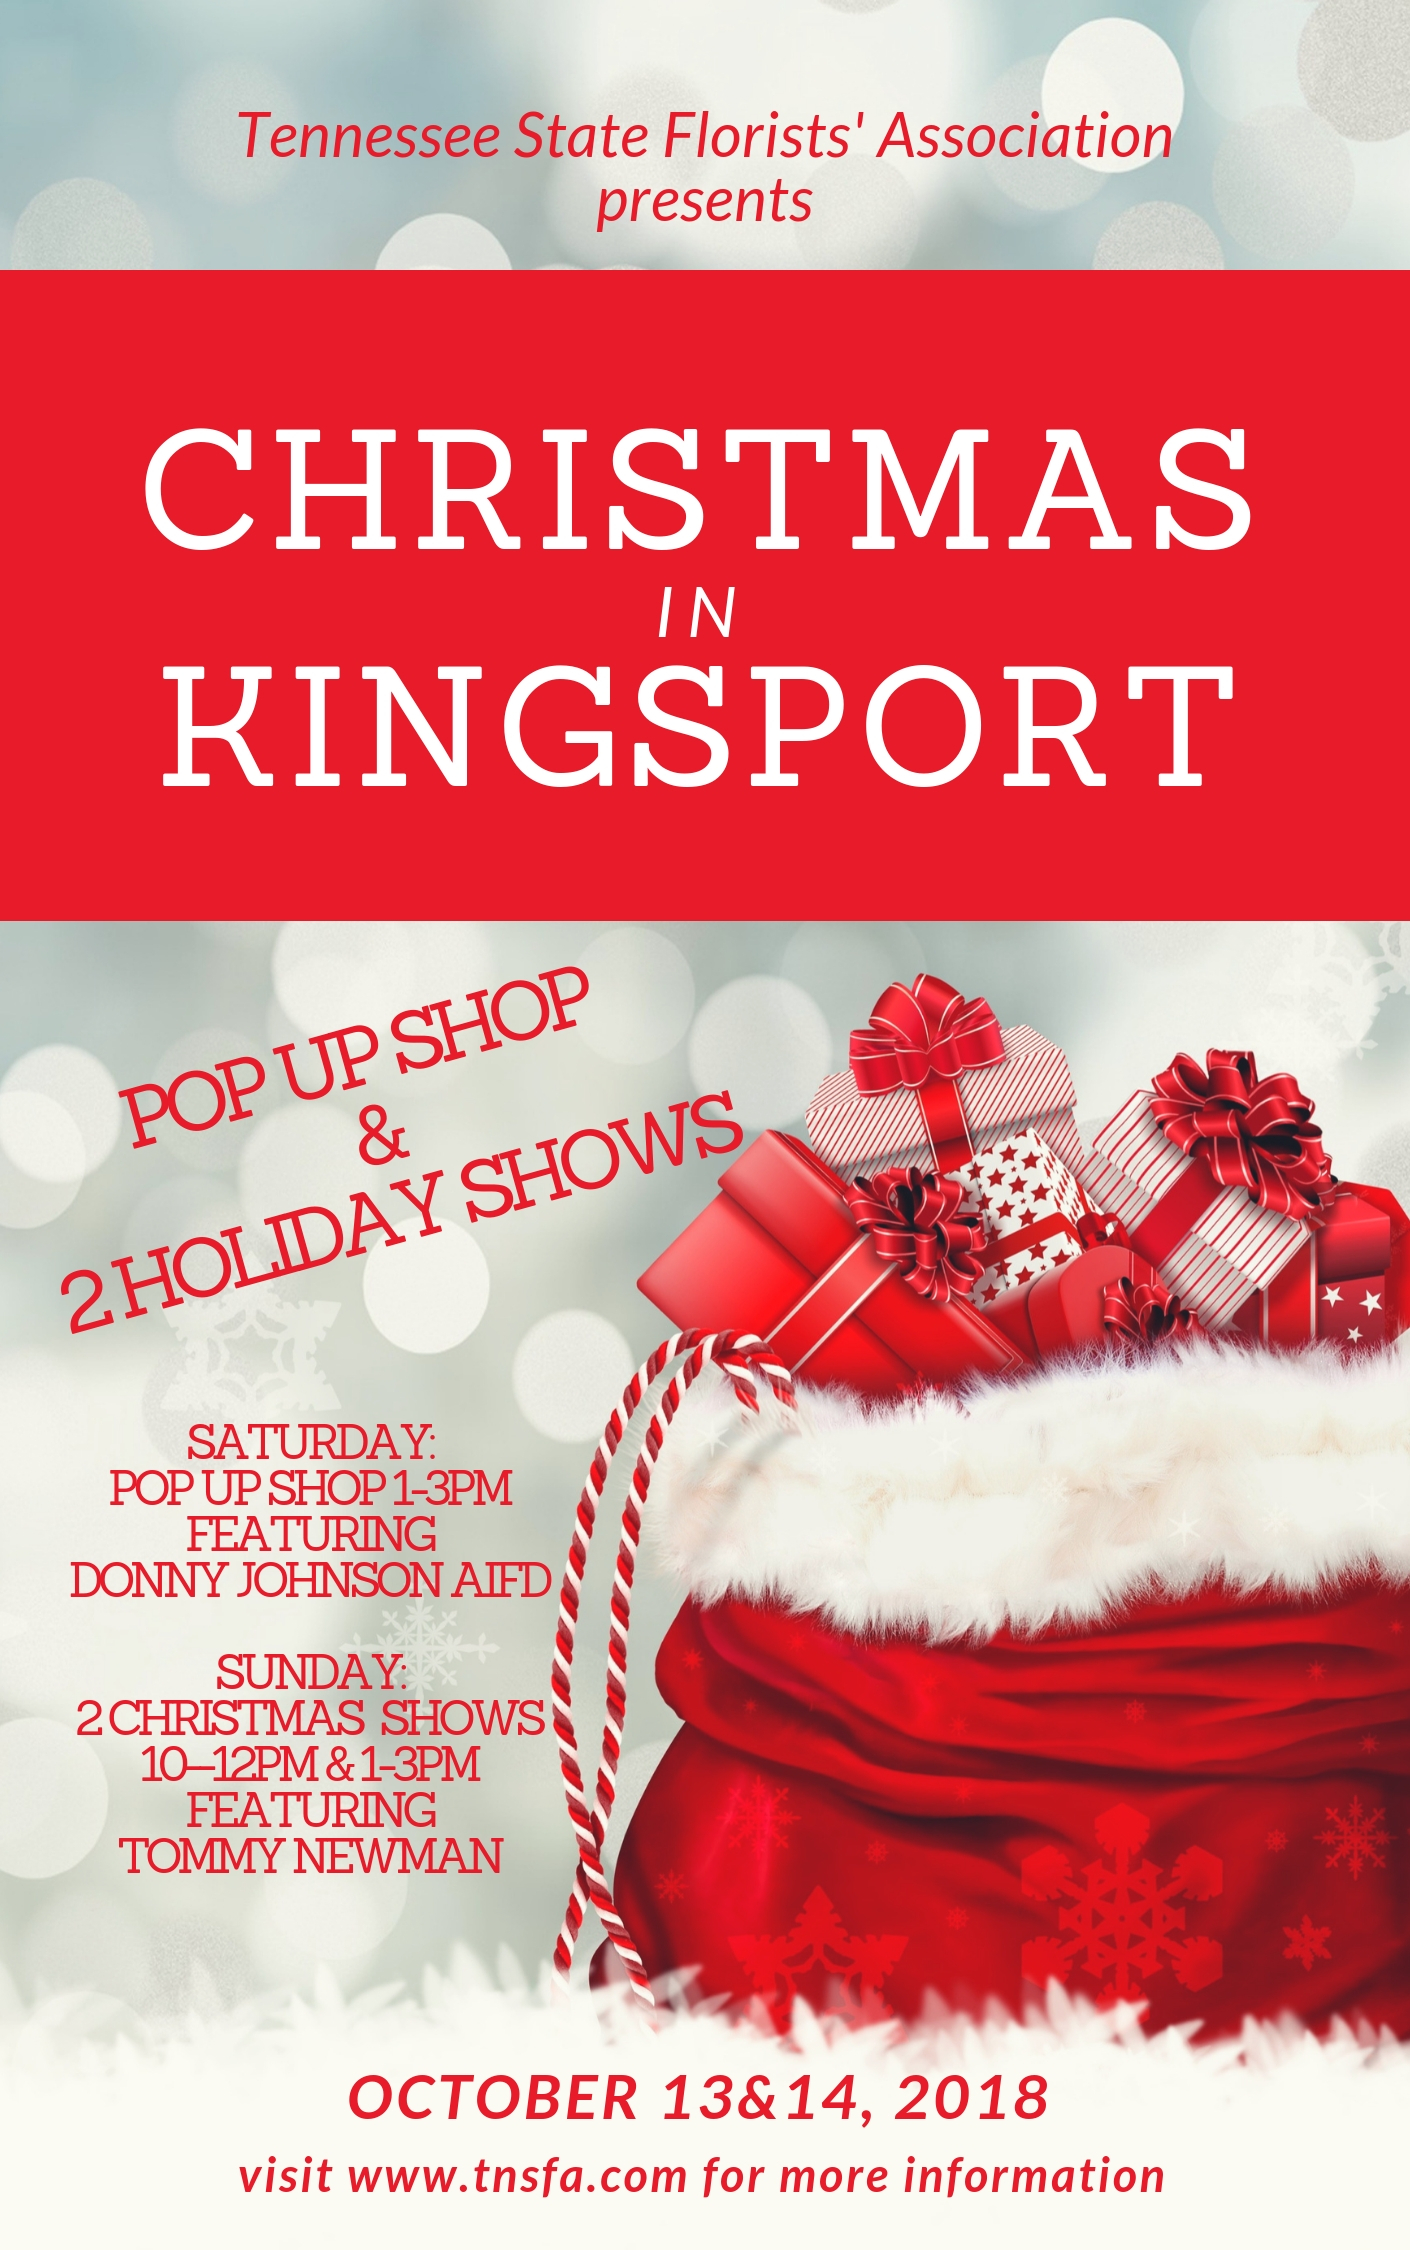 kingsport flyer.jpg